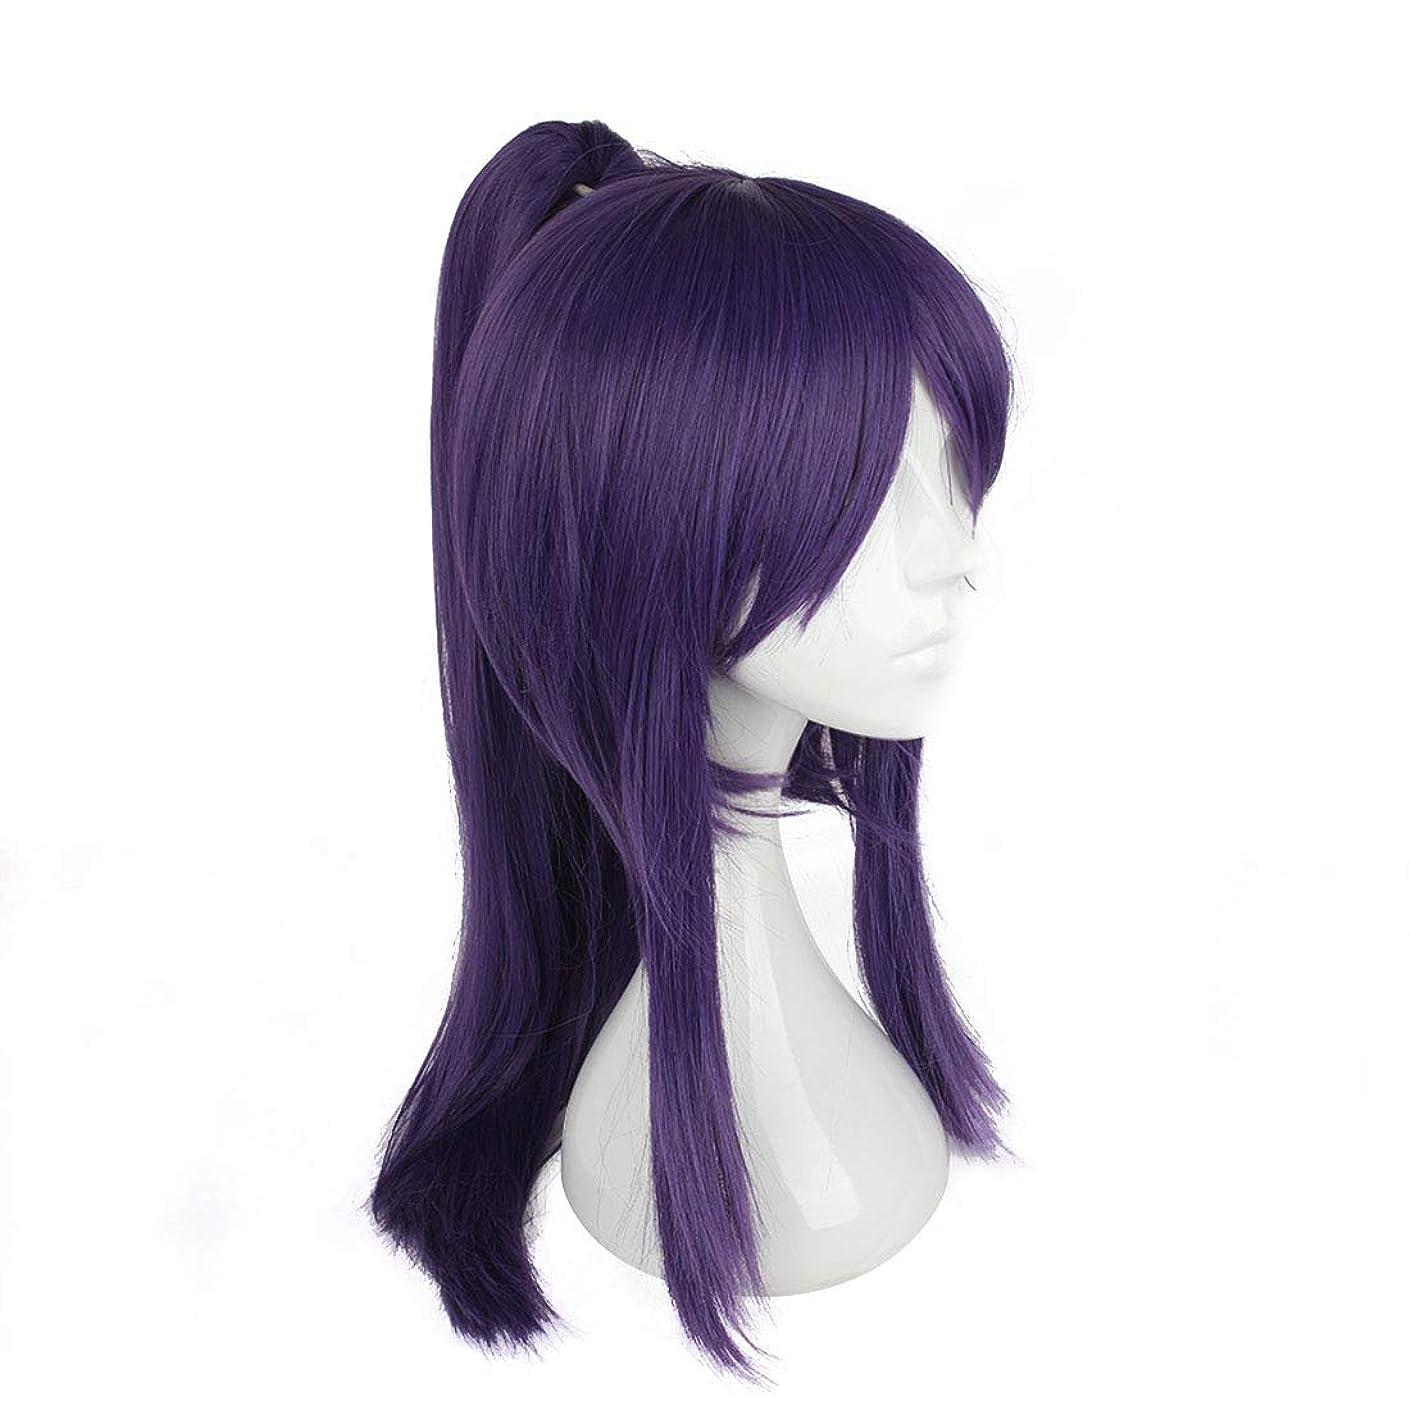 スチール発音する干渉BOBIDYEE 日本の侍服かつらコスプレウィッグ紫髪前髪長い髪用相馬神崎コンポジットヘアレースかつらロールプレイングかつら (色 : 紫の)